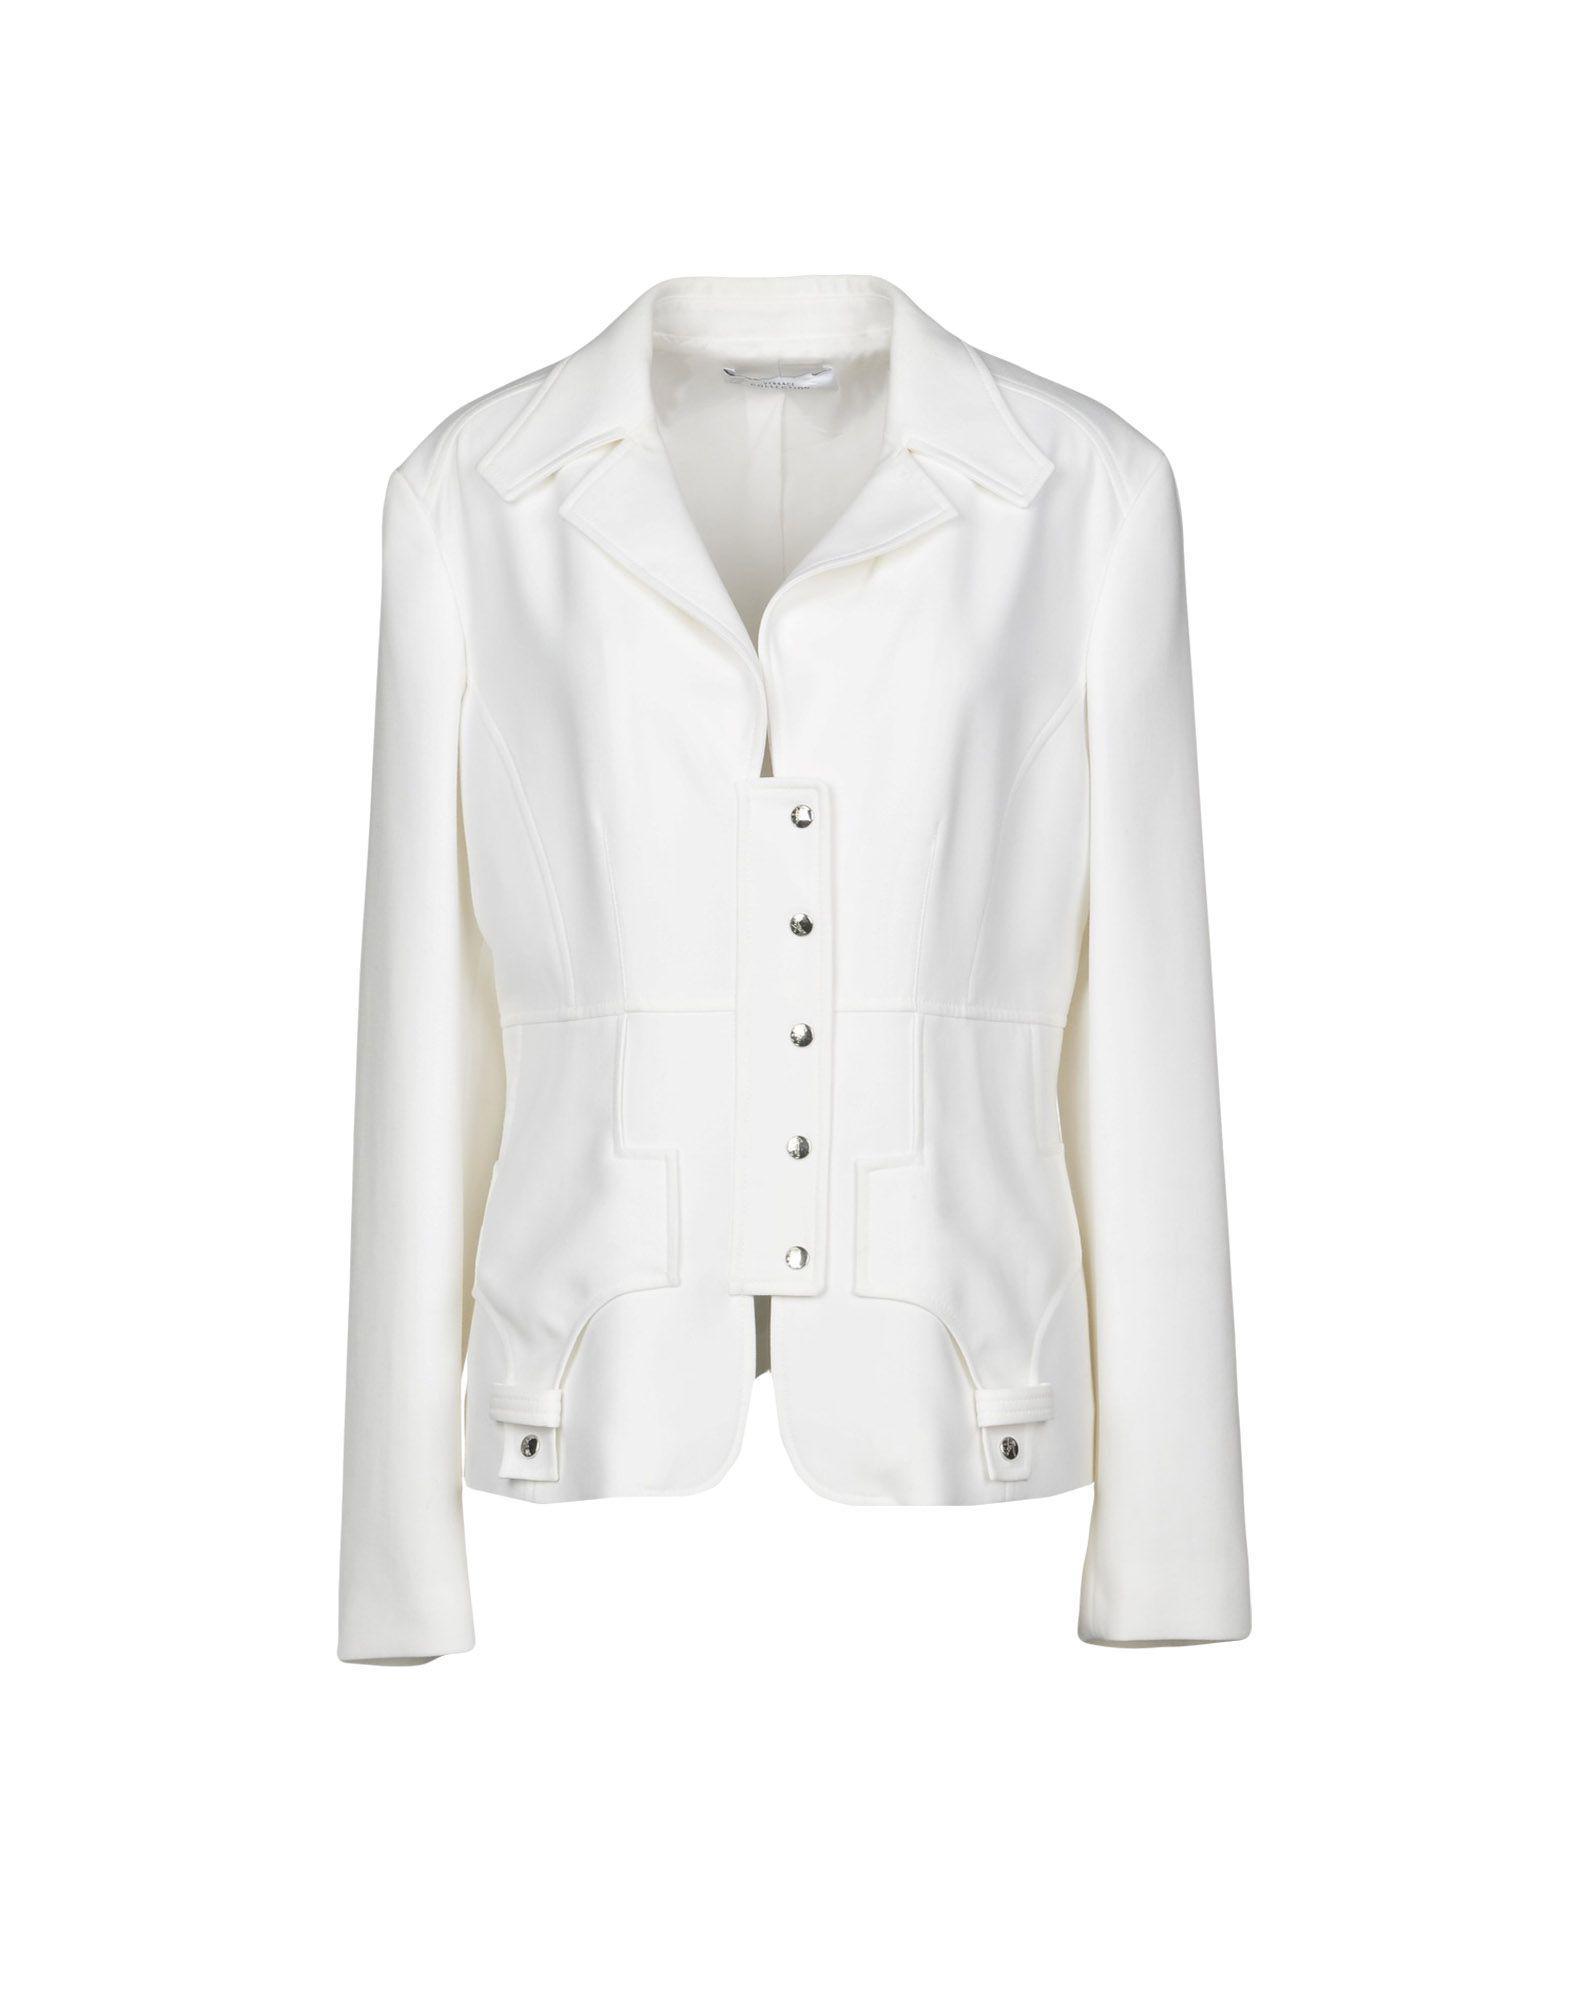 Lyst - Veste Versace en coloris Blanc 2fe99703fe0